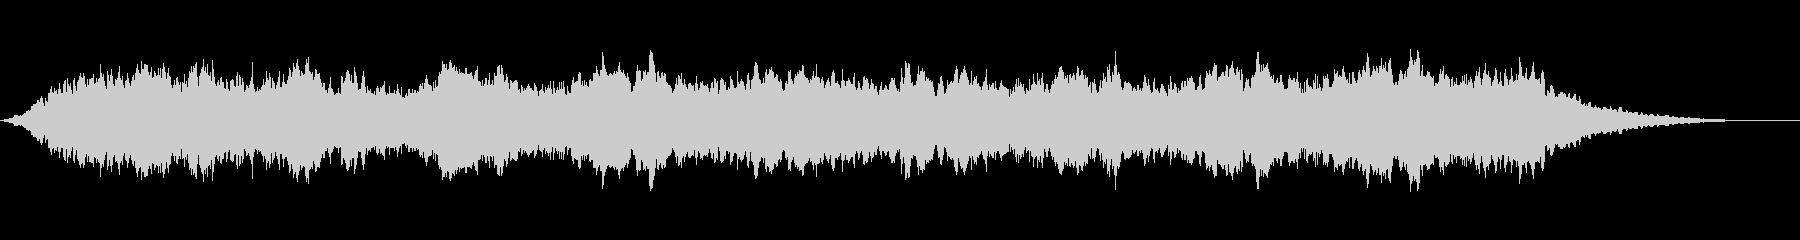 スペースアンビエンス2の未再生の波形